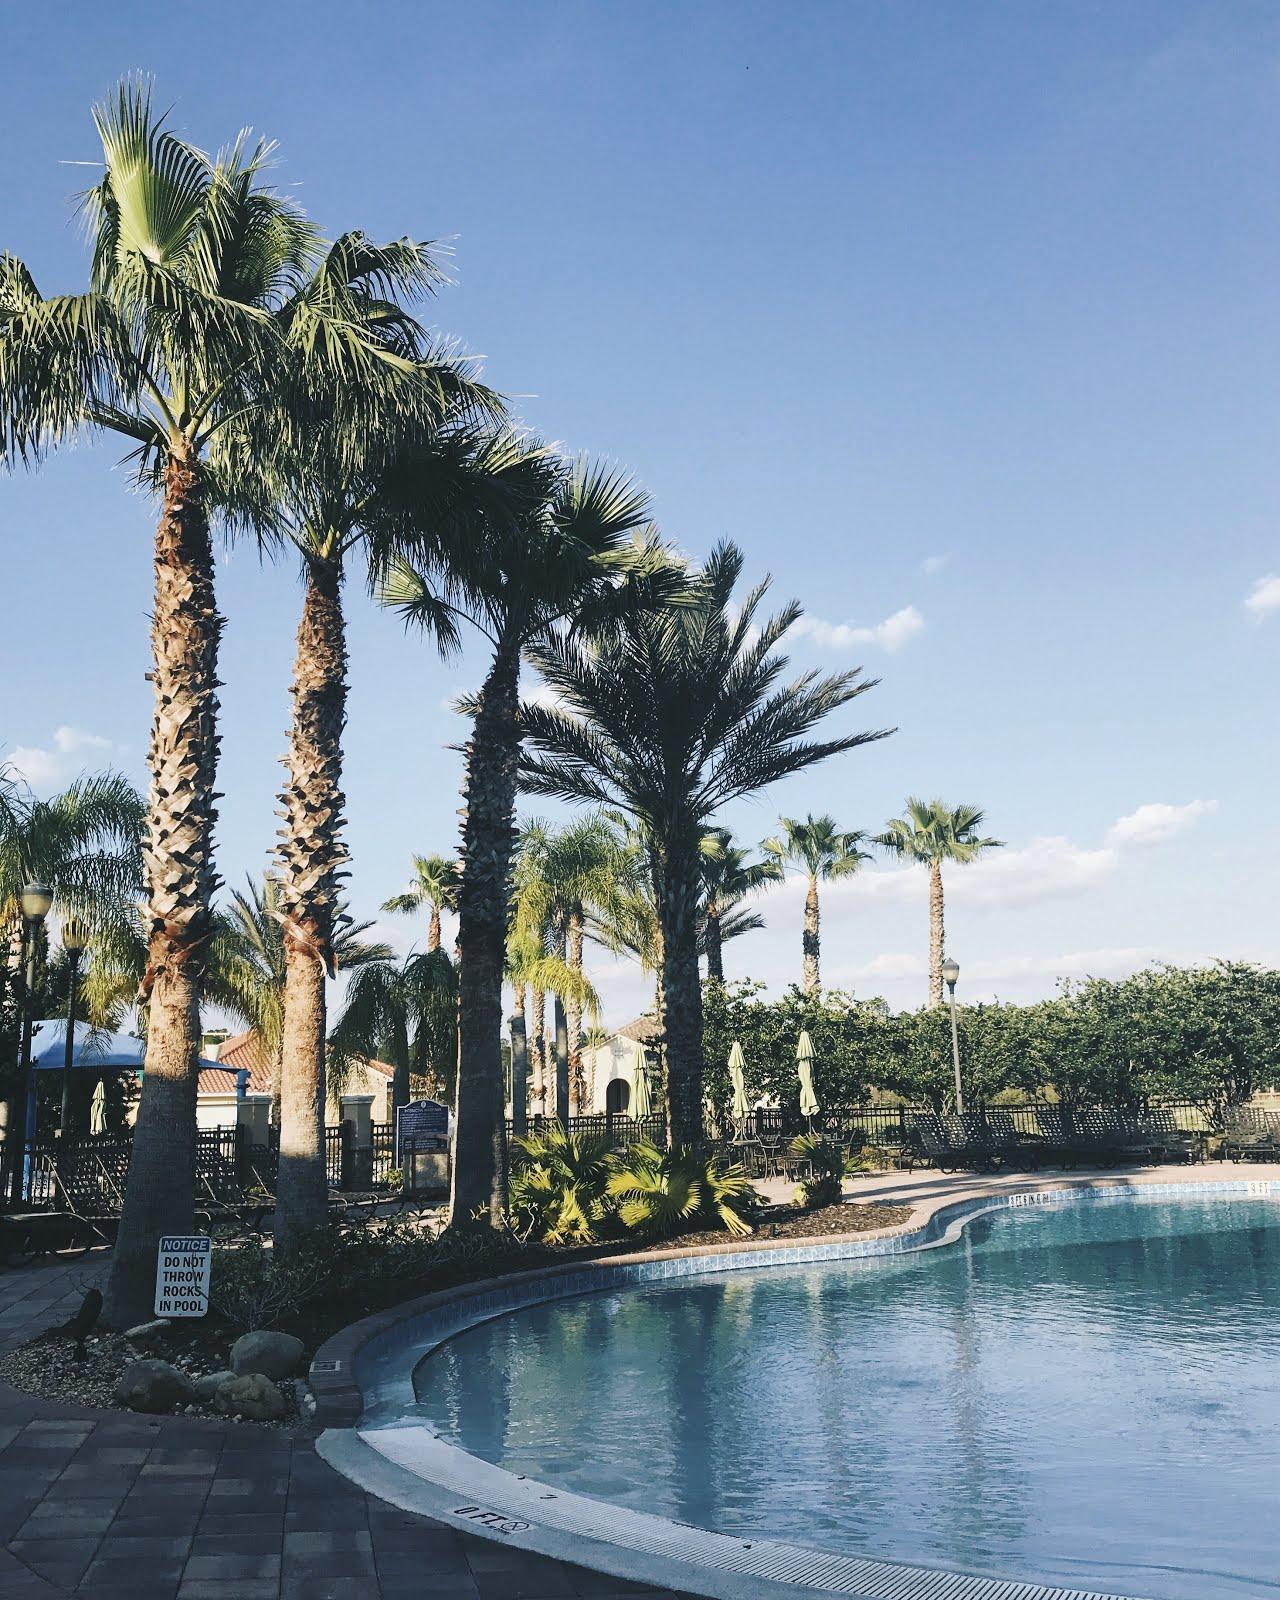 Happy-Saturday-Gorgeous-Weather-&-Floridian-Palm-Trees-Vivi-Brizuela-PinkOrchidMakeup